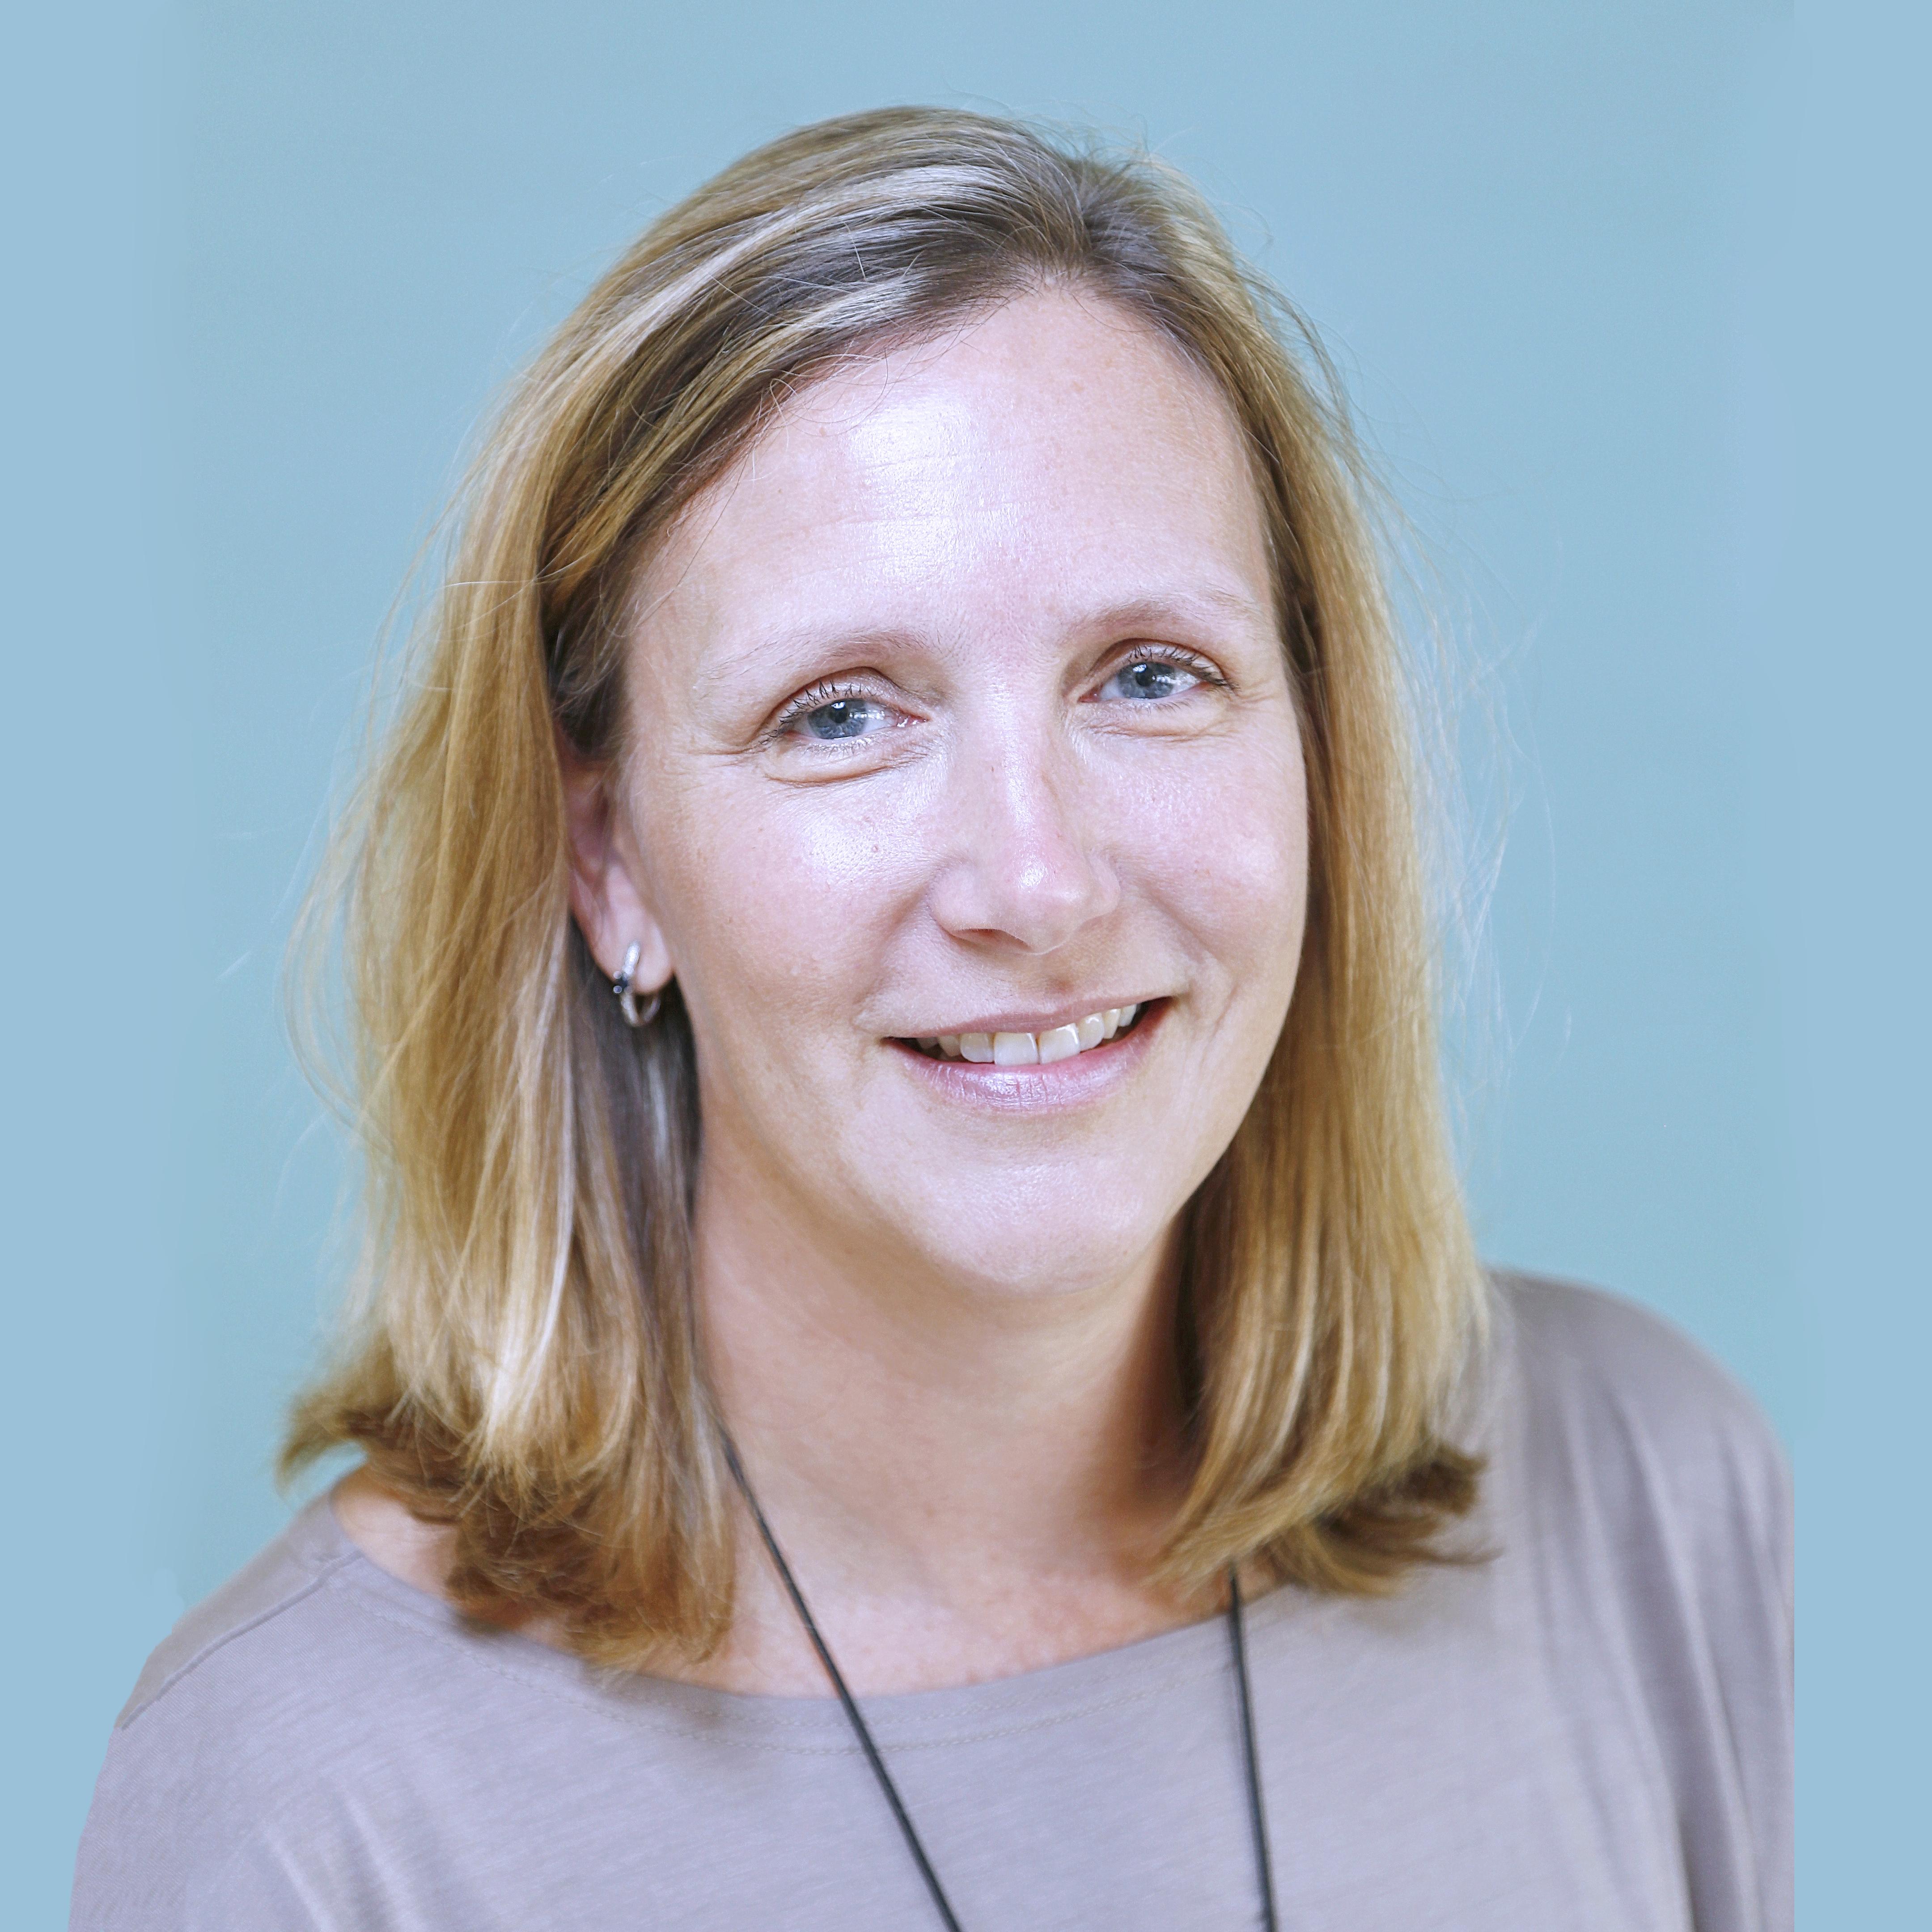 Lynn McElreath